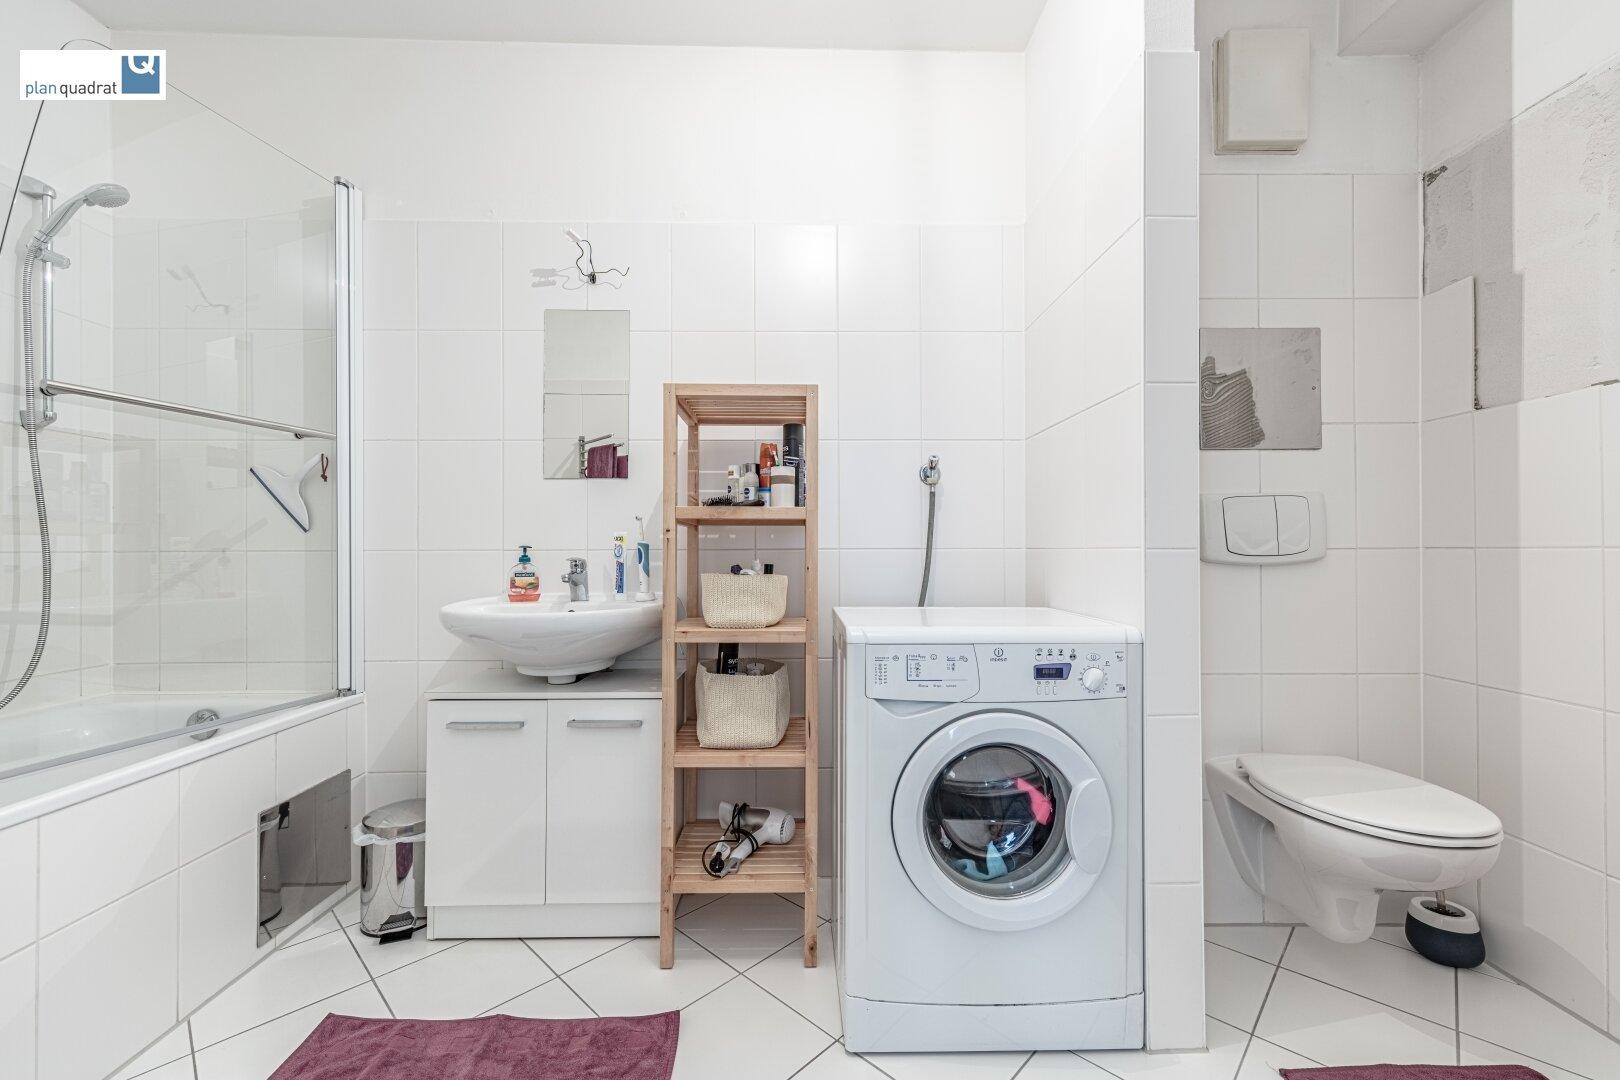 Badezimmer (ca. 6,90 m²) mit Waschbecken, Badewanne, Toilette und Wa-Ma-Anschluss